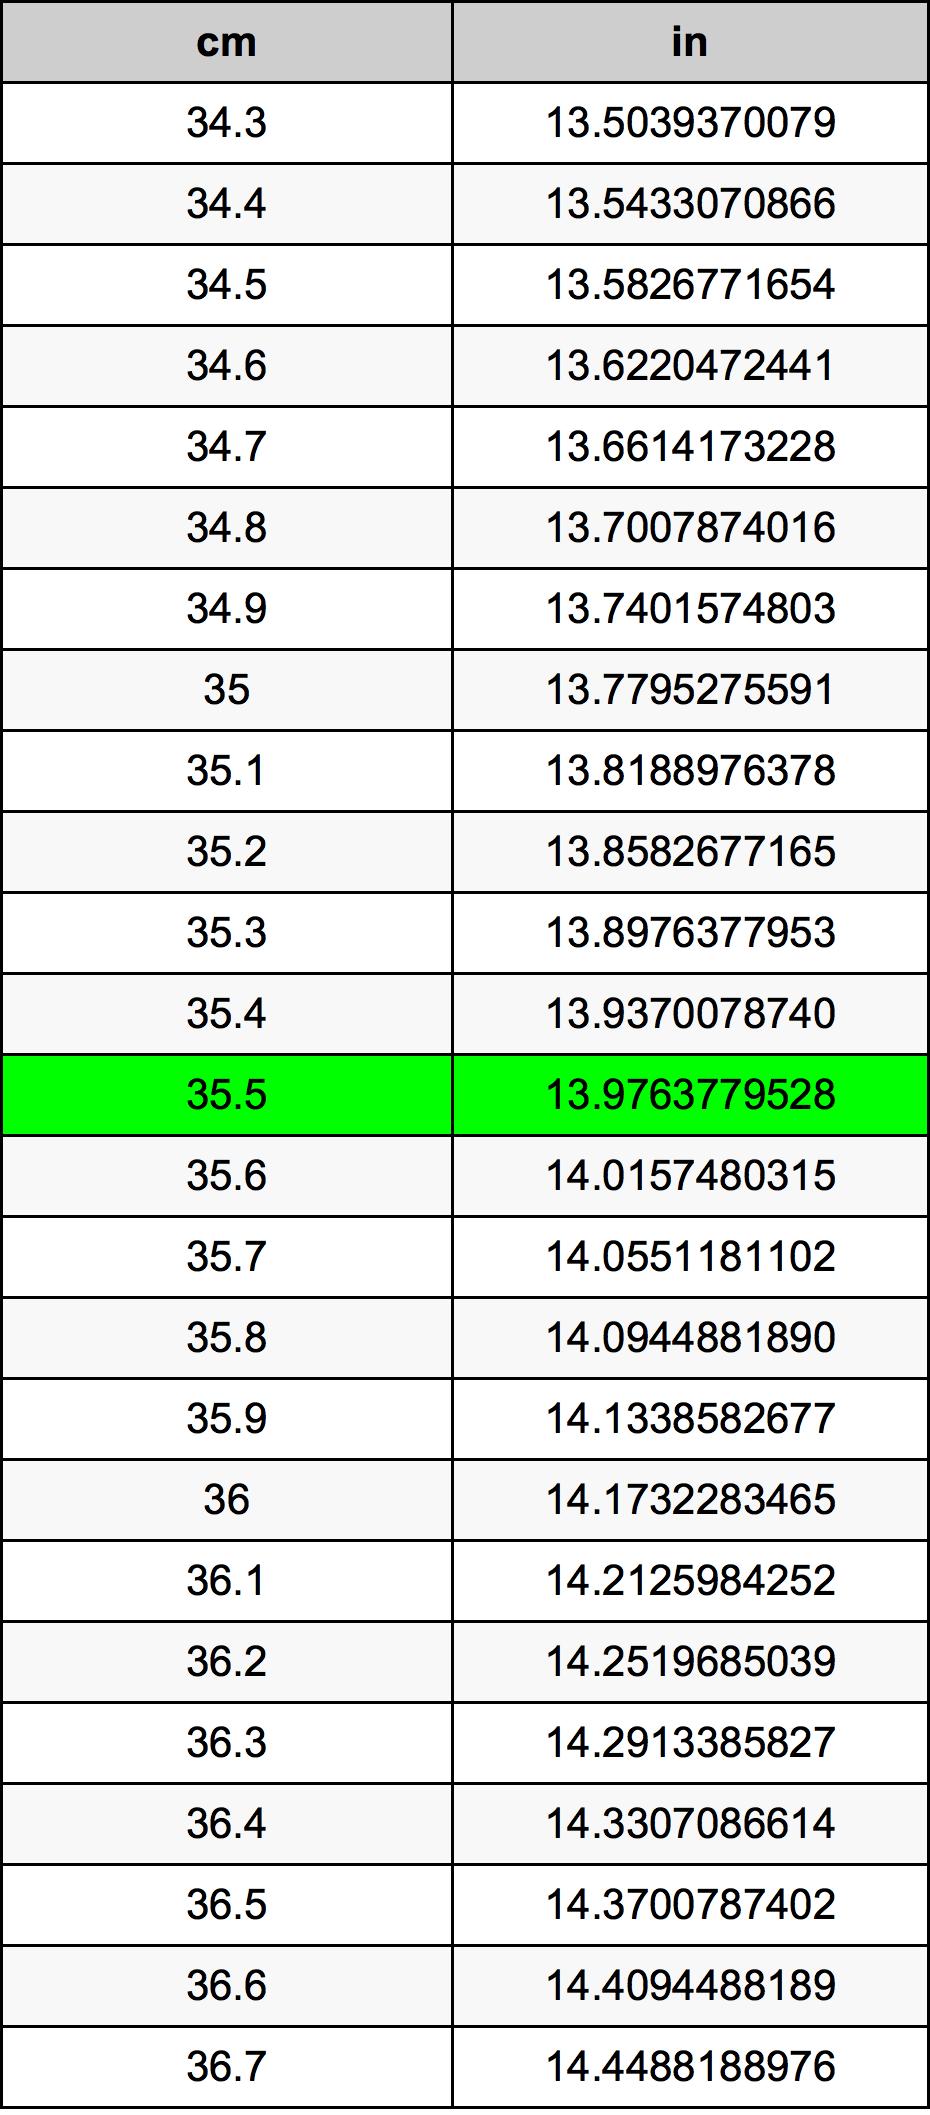 35.5 сантиметр Таблица преобразования